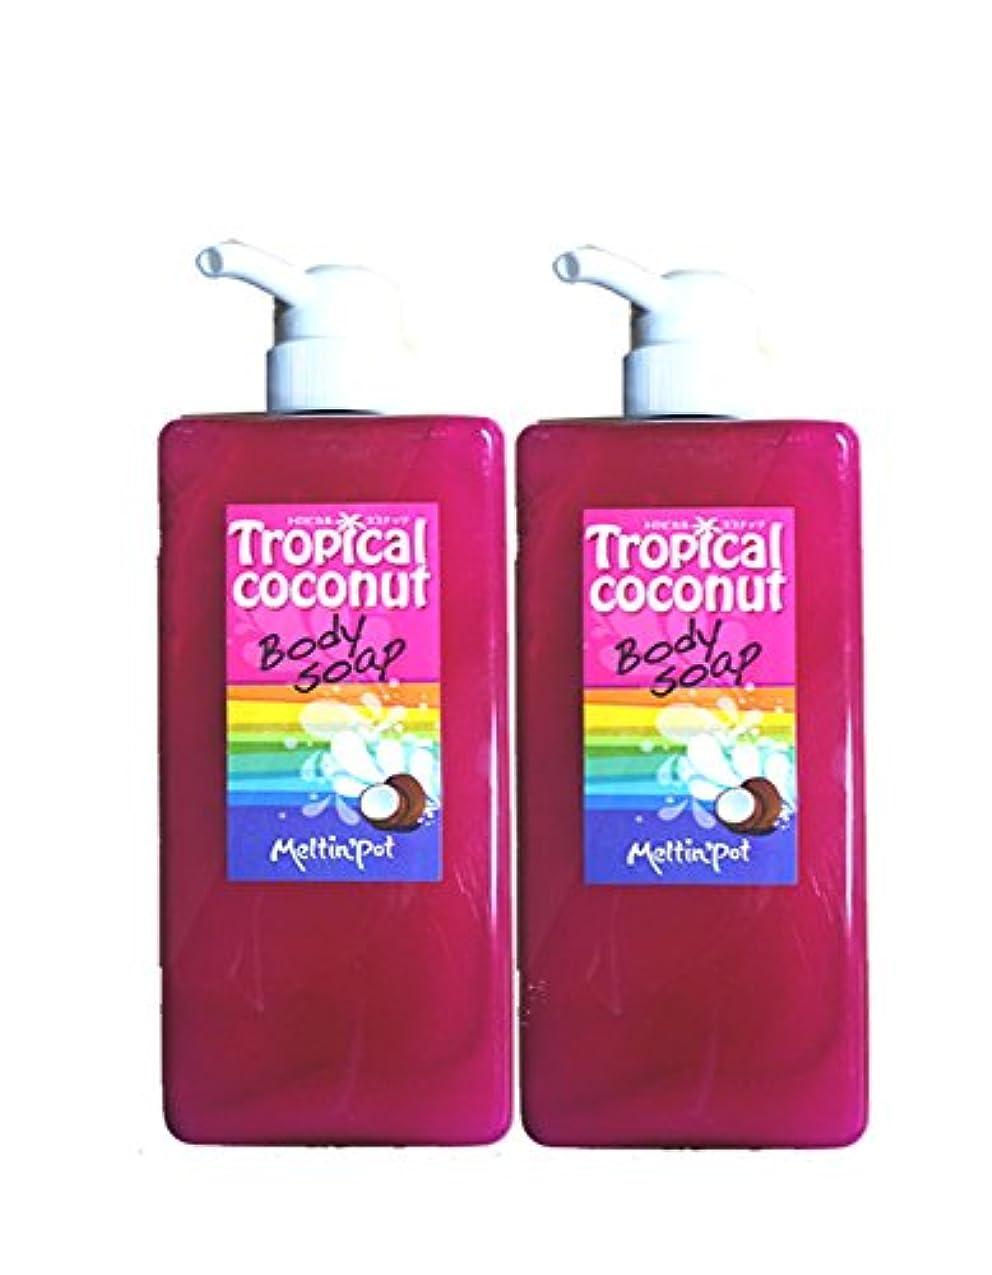 ロバインカ帝国ドラフトトロピカルココナッツ ボディソープ 600ml*2セット Tropical coconut Body Soap 加齢臭に!